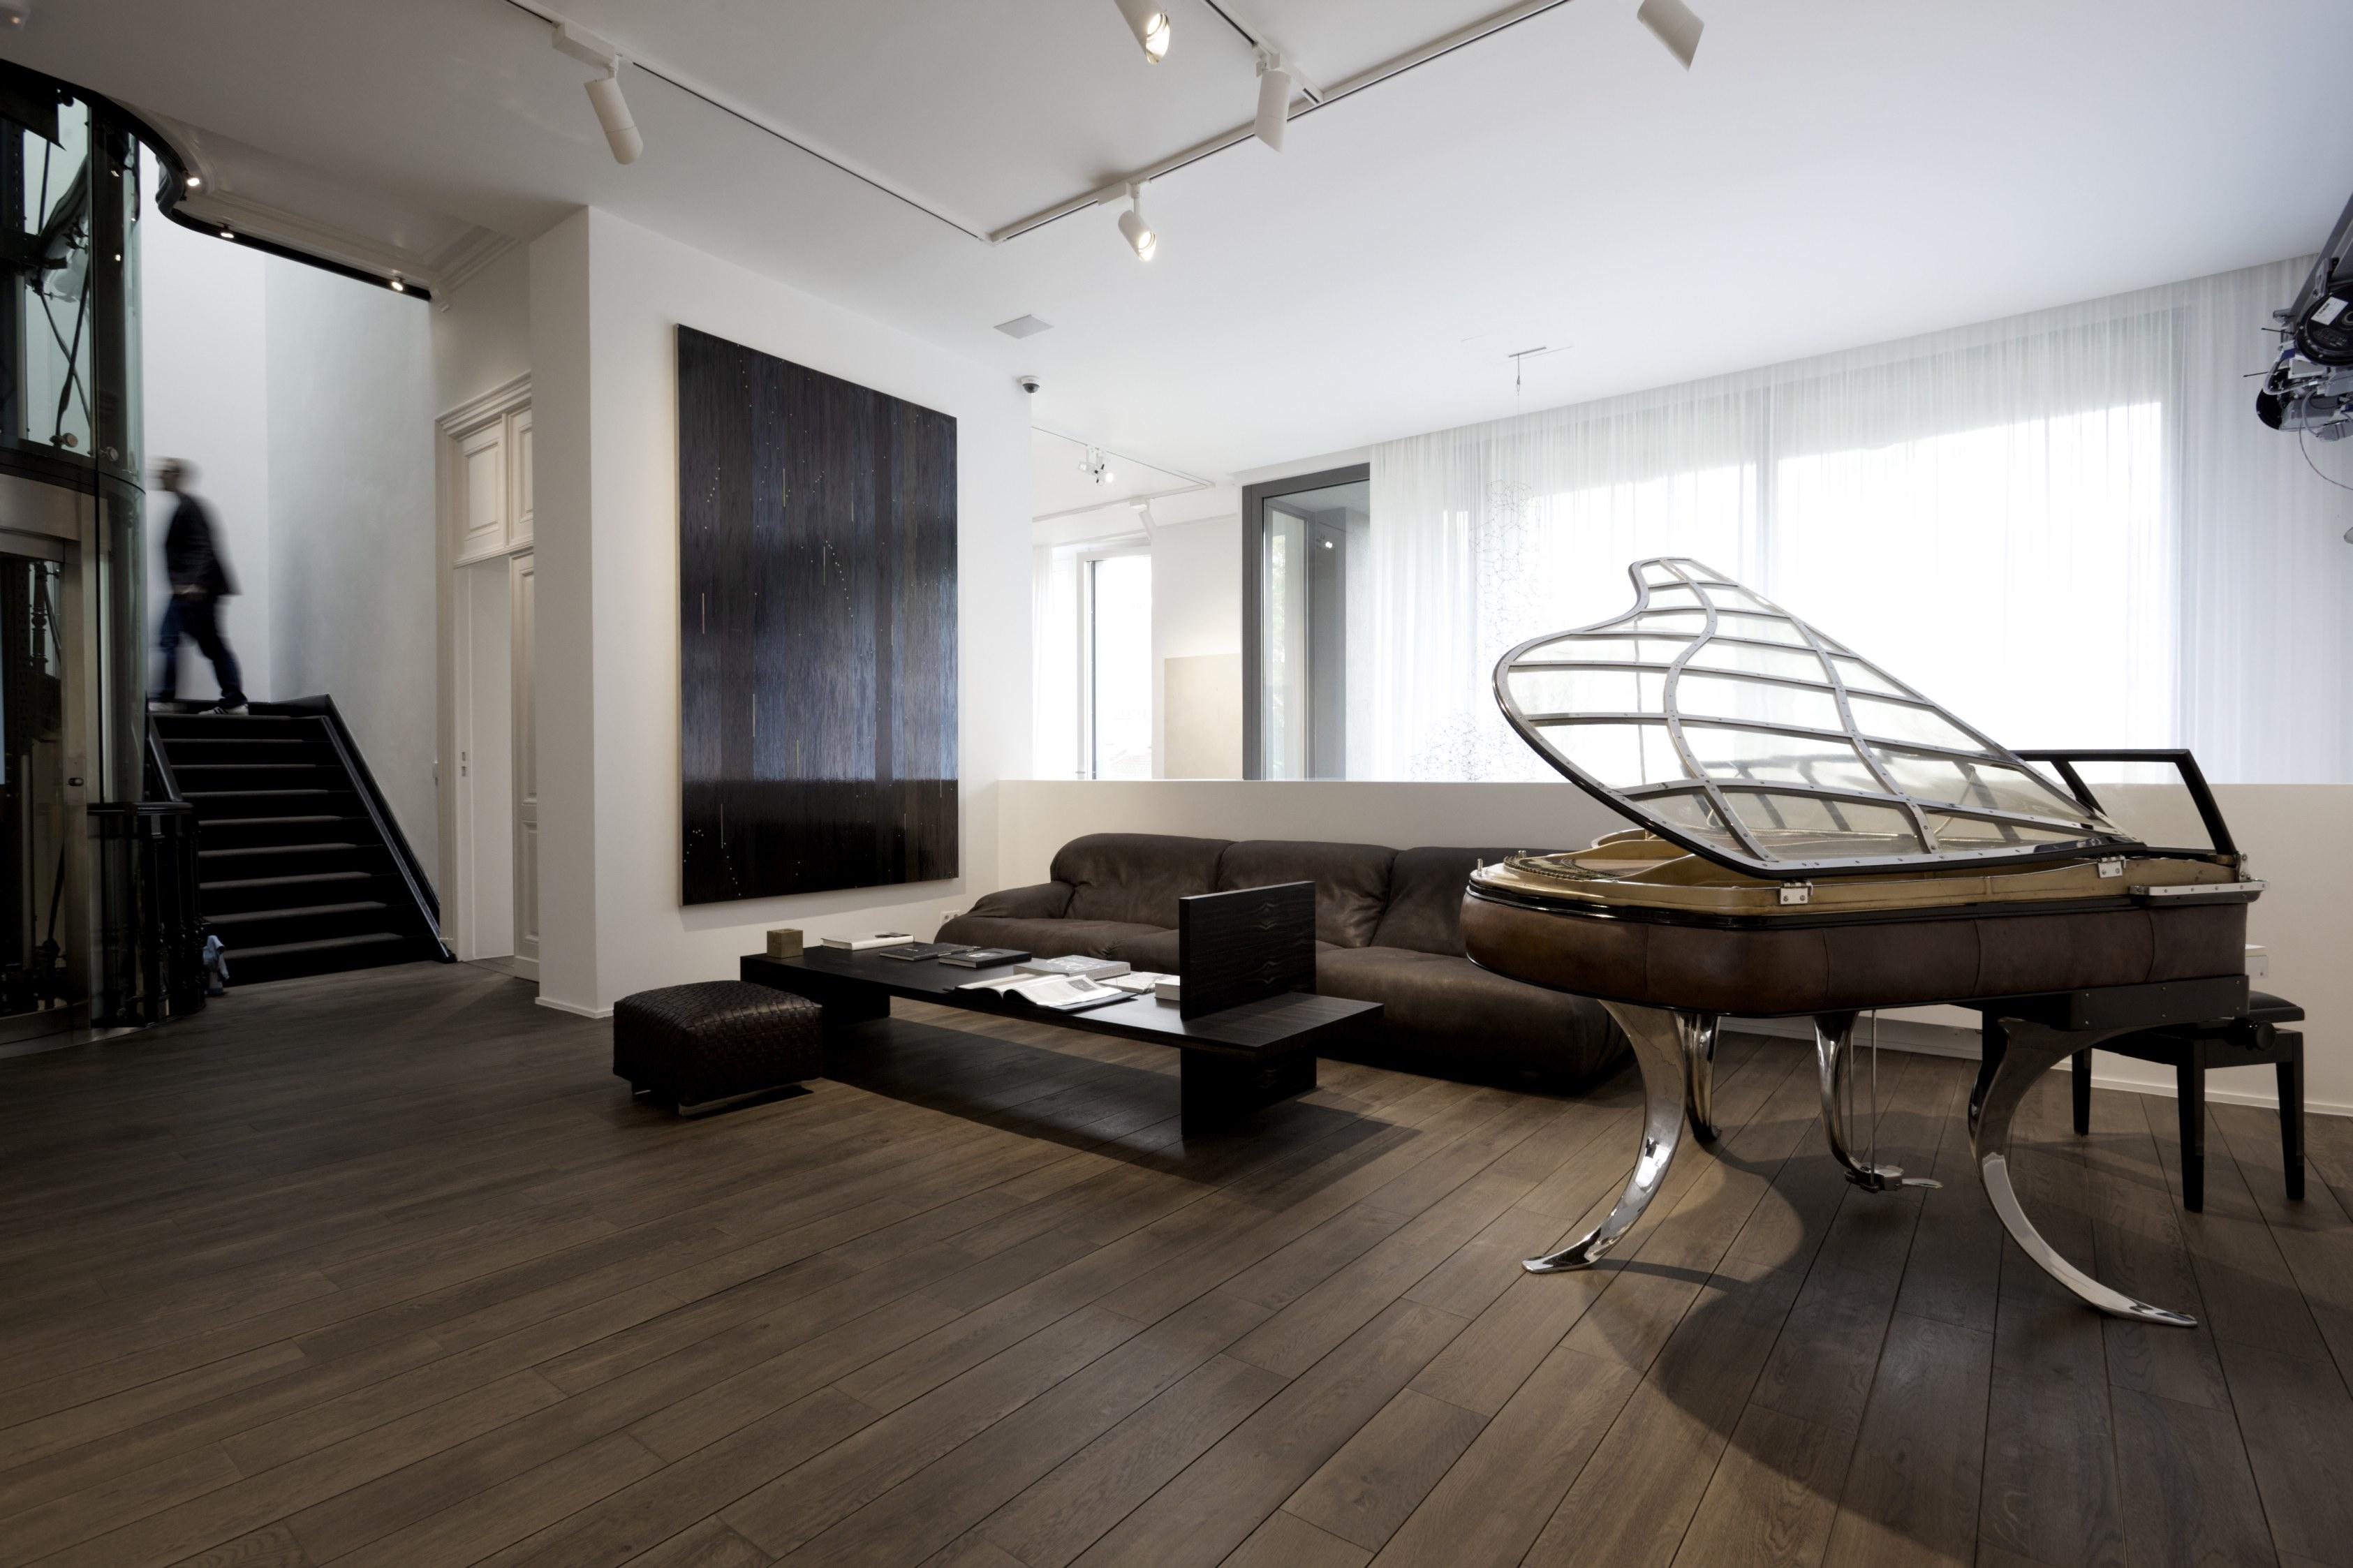 maison particuli re carole schuermans quitte ses fonctions art maison particuliere. Black Bedroom Furniture Sets. Home Design Ideas